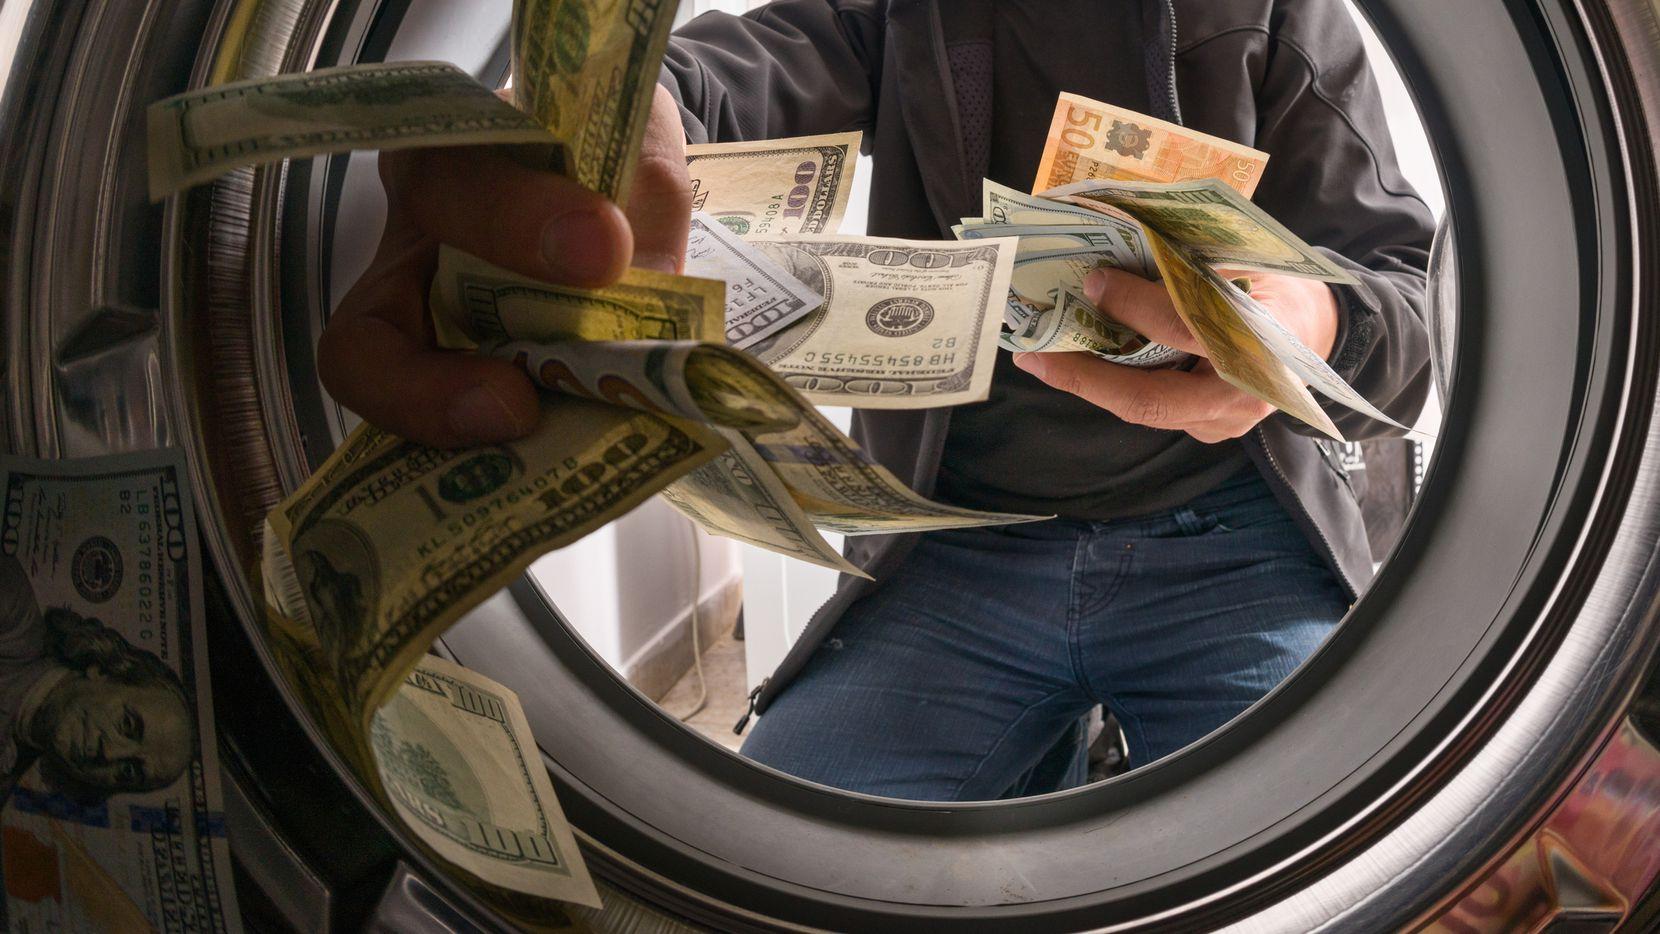 Un prominente abogado de Dallas fue acusado de lavado de dinero tras una investigación de la DEA.